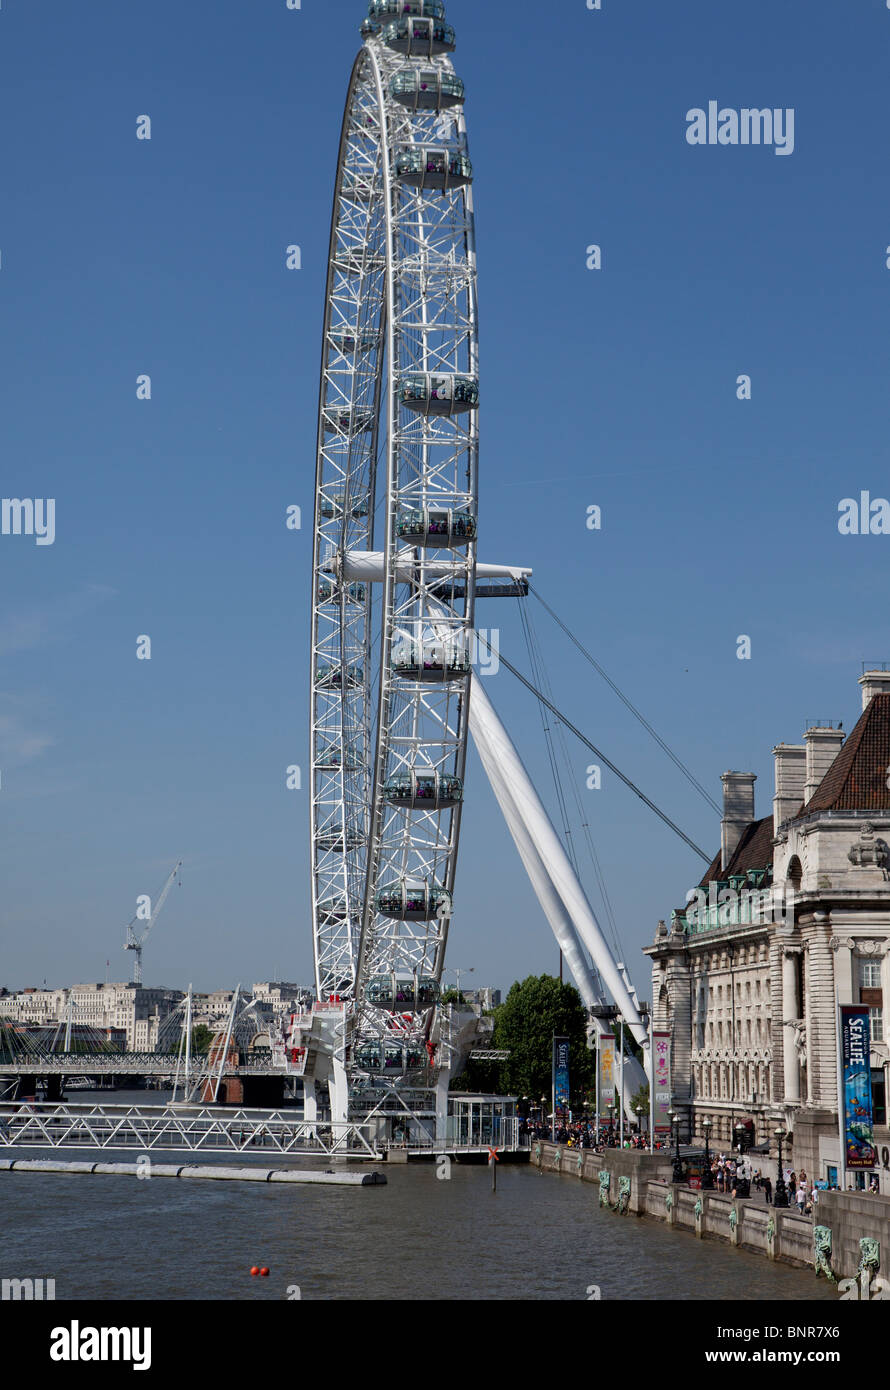 Atracción turística y la plataforma de observación, el Ojo de Londres, Londres, Inglaterra, con una vista del County Hall en el río Támesis Foto de stock